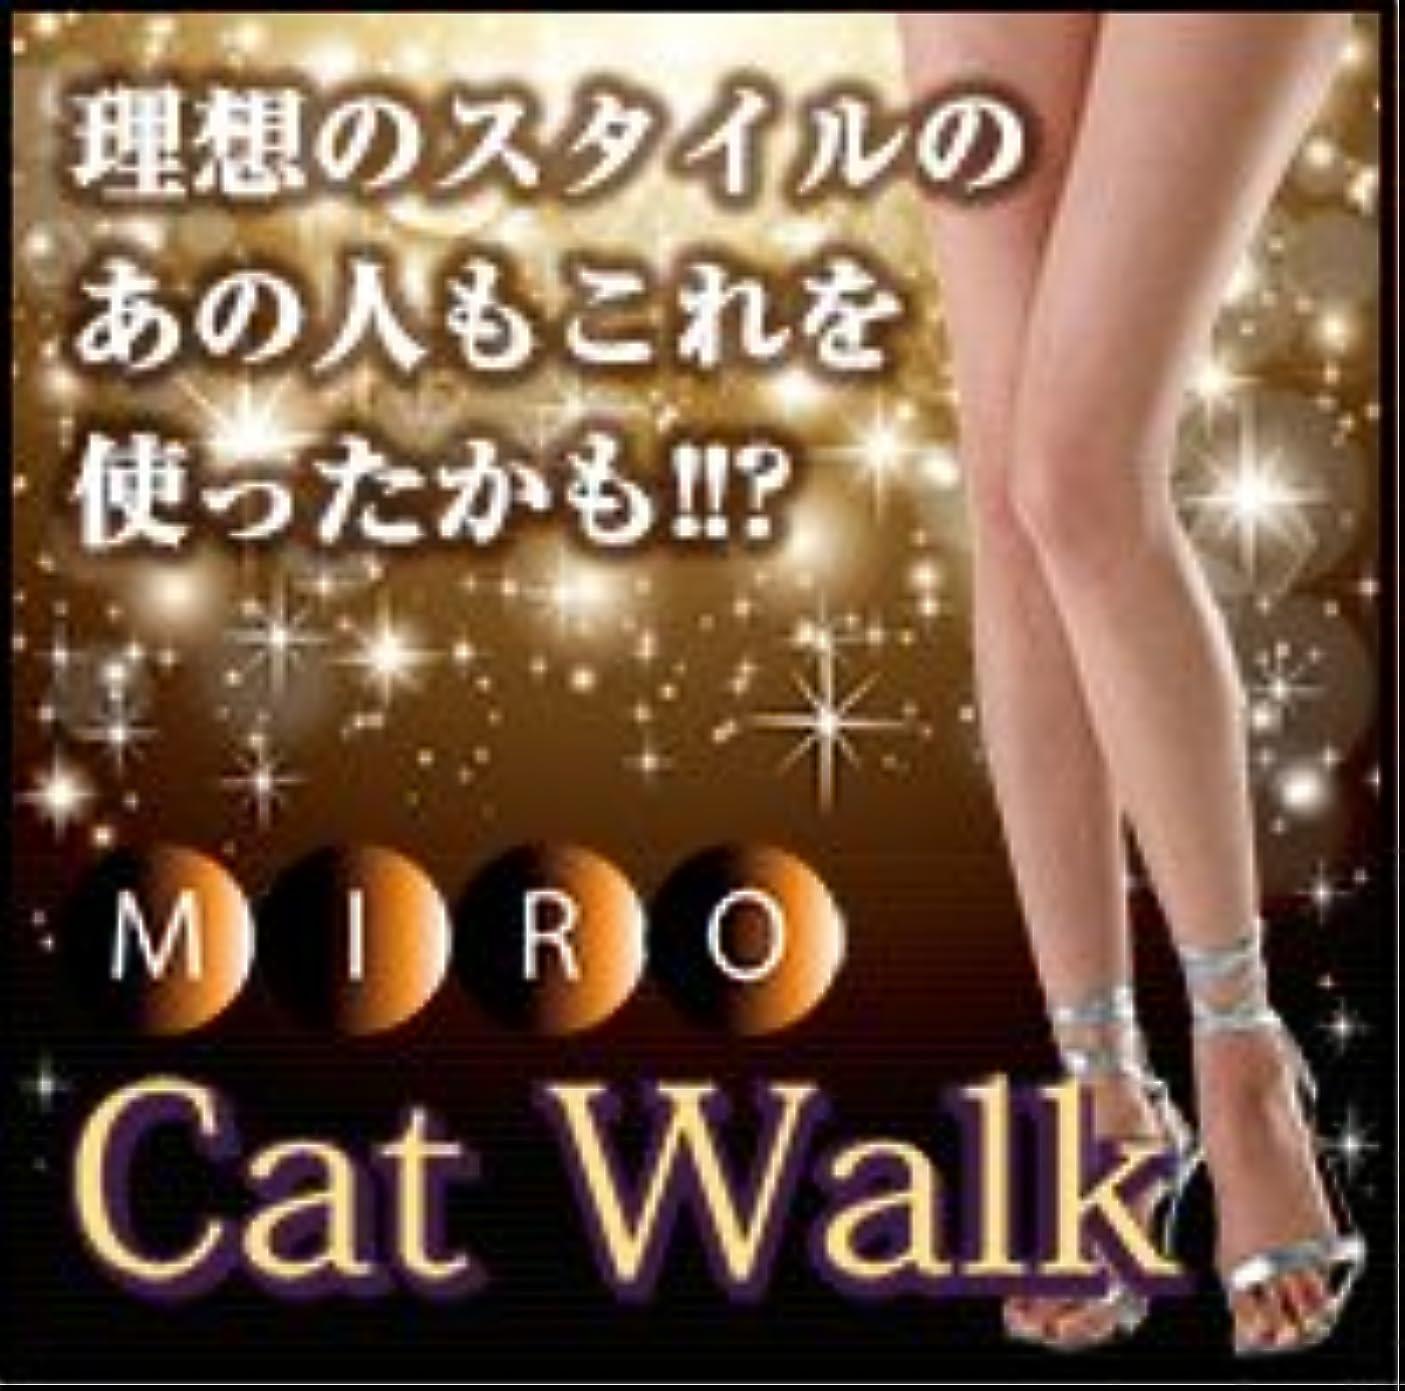 きらめき収縮誰もMIRO CAT Walk(ミロ キャットウォーク)/理想のスタイルのあの人もこれを使ったかも!?【CC】